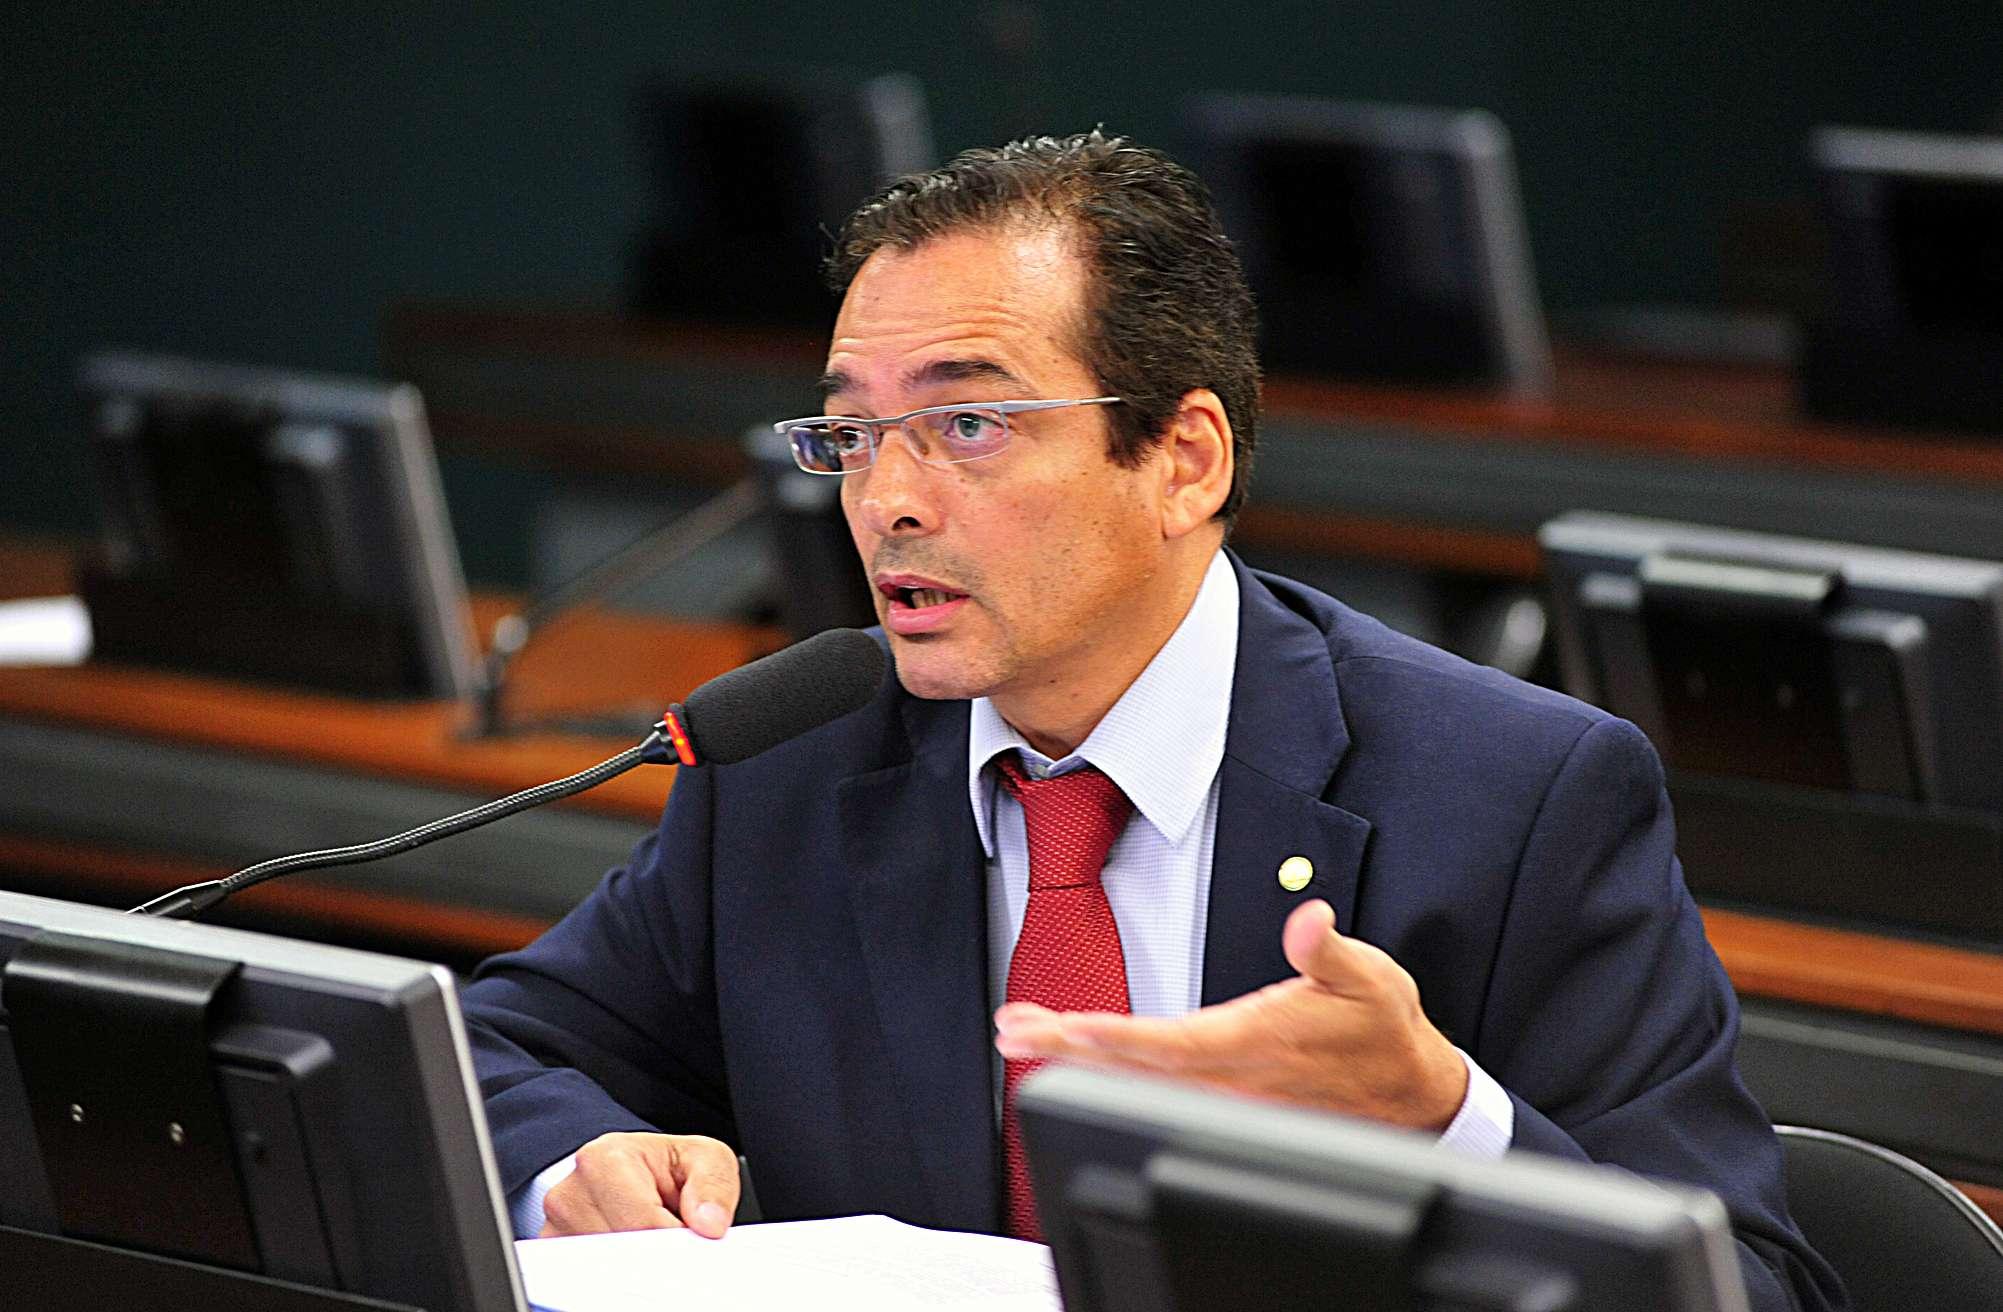 Deputado Delegado Protógenes (PCdoB-SP) defende identificação para postagens em redes sociais e blogs Foto: Alexandra Martins/Agência Câmara